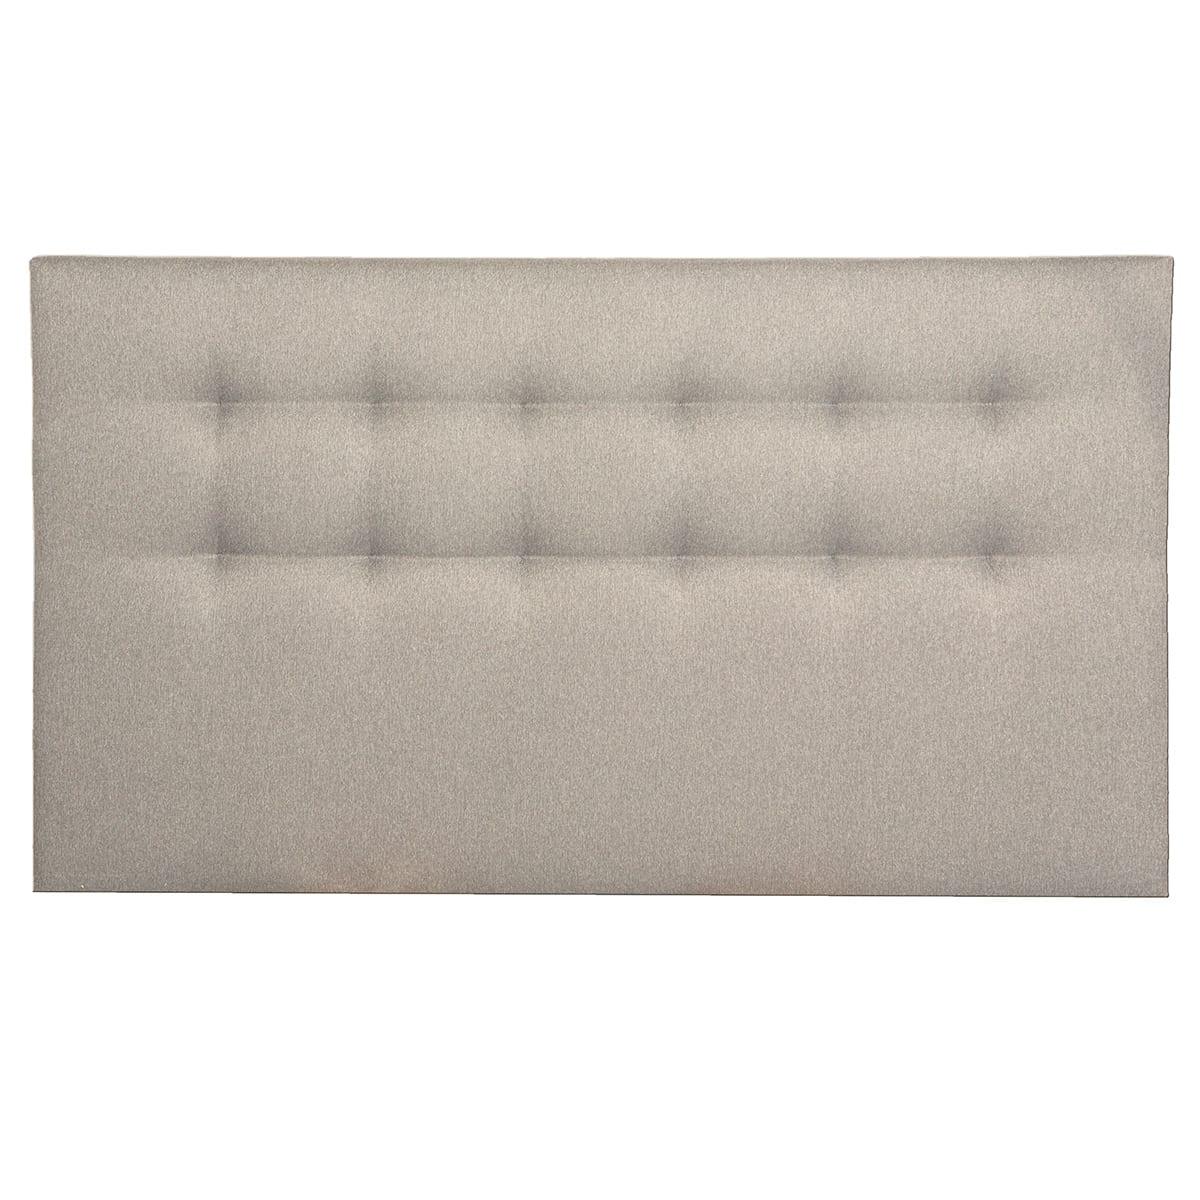 140 x 200 cm - Passer til Comfort og De Lux Classic senge